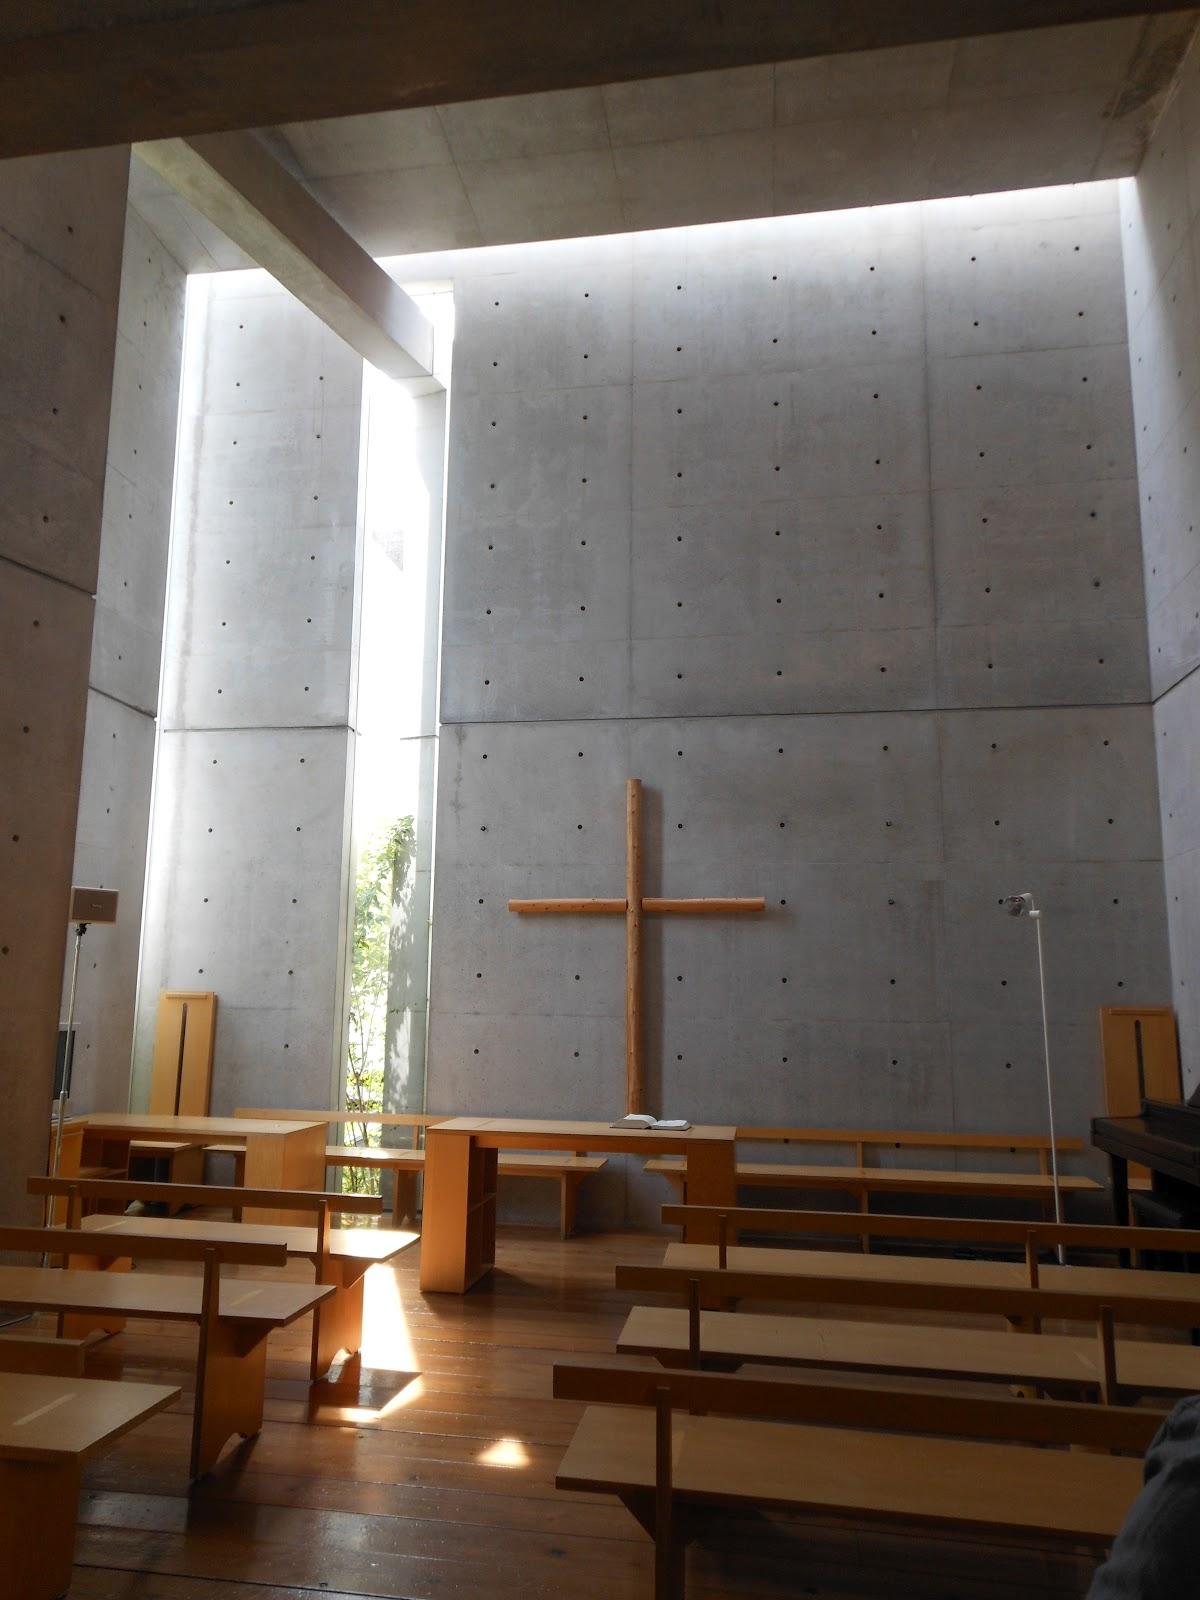 Judy S Japan Journey Tadao Ando S Church Of The Light